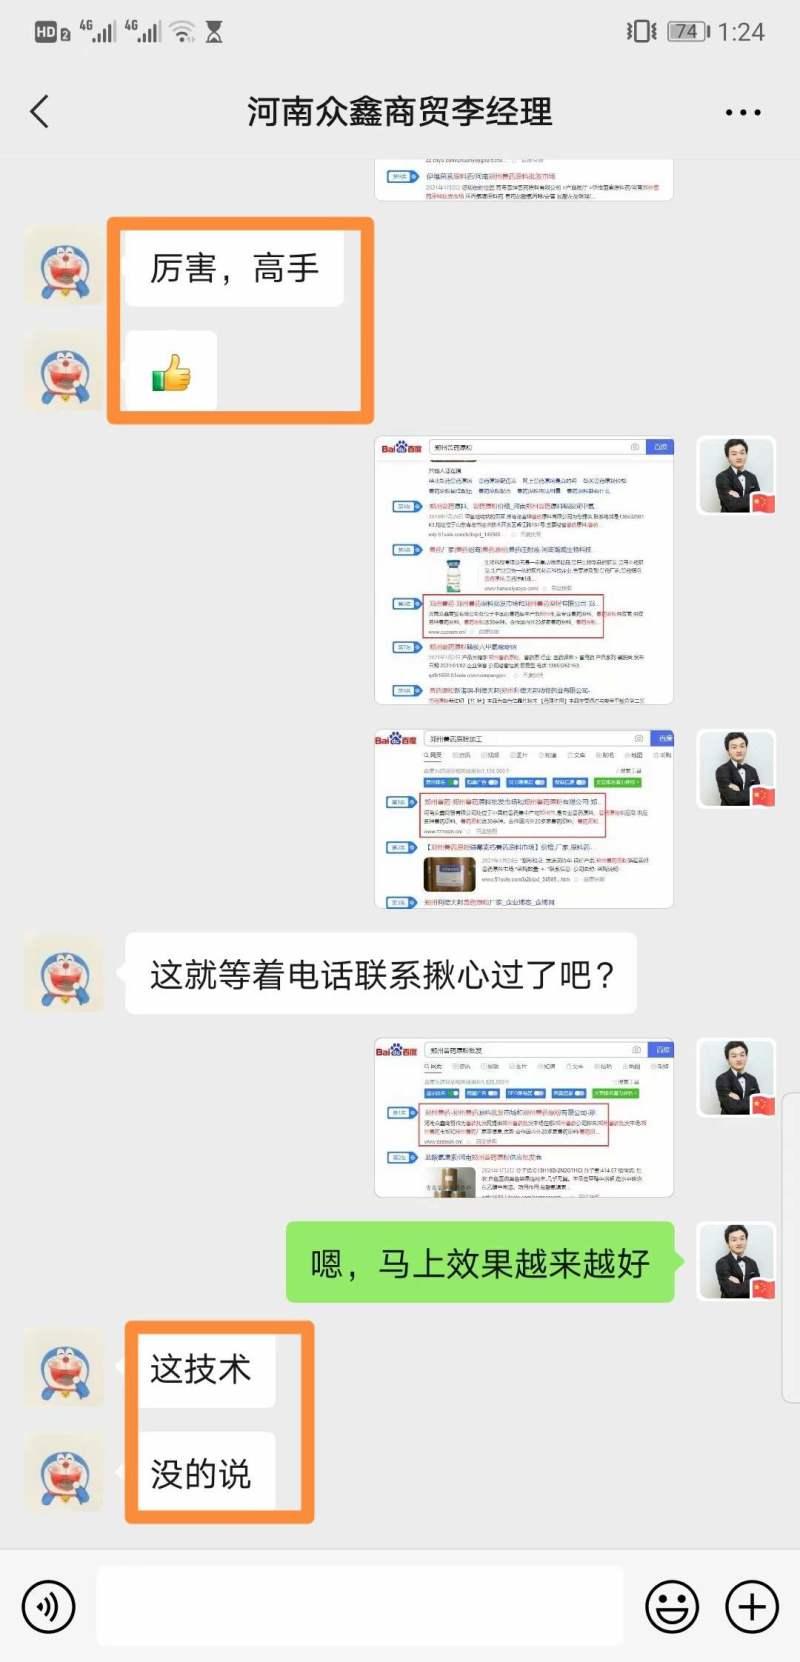 河南眾鑫商貿客戶反饋